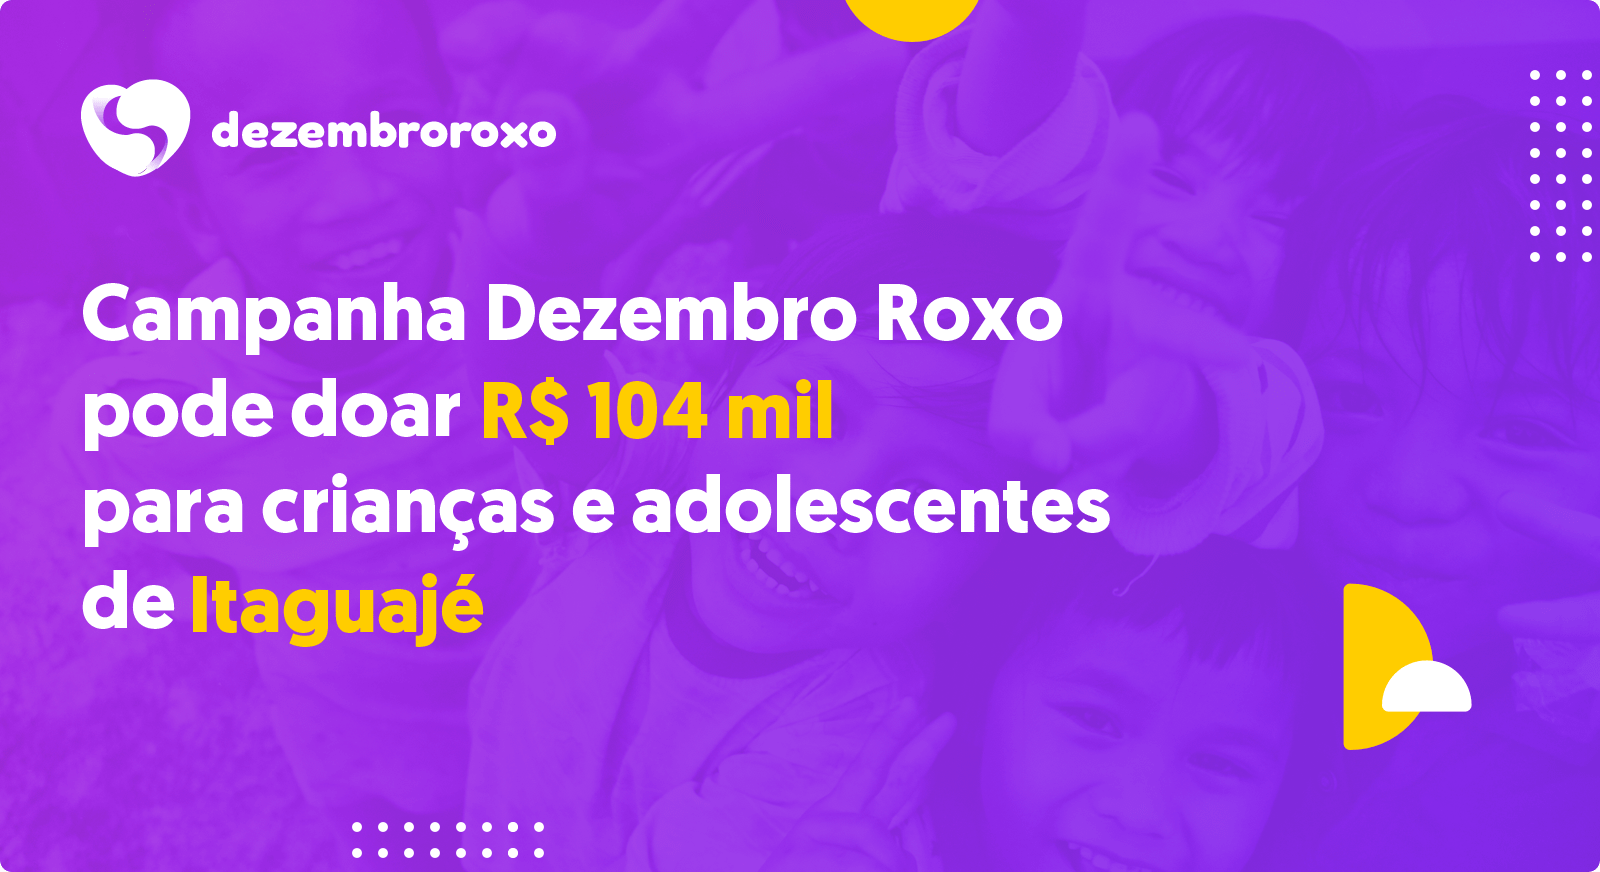 Doações em Itaguajé - PR